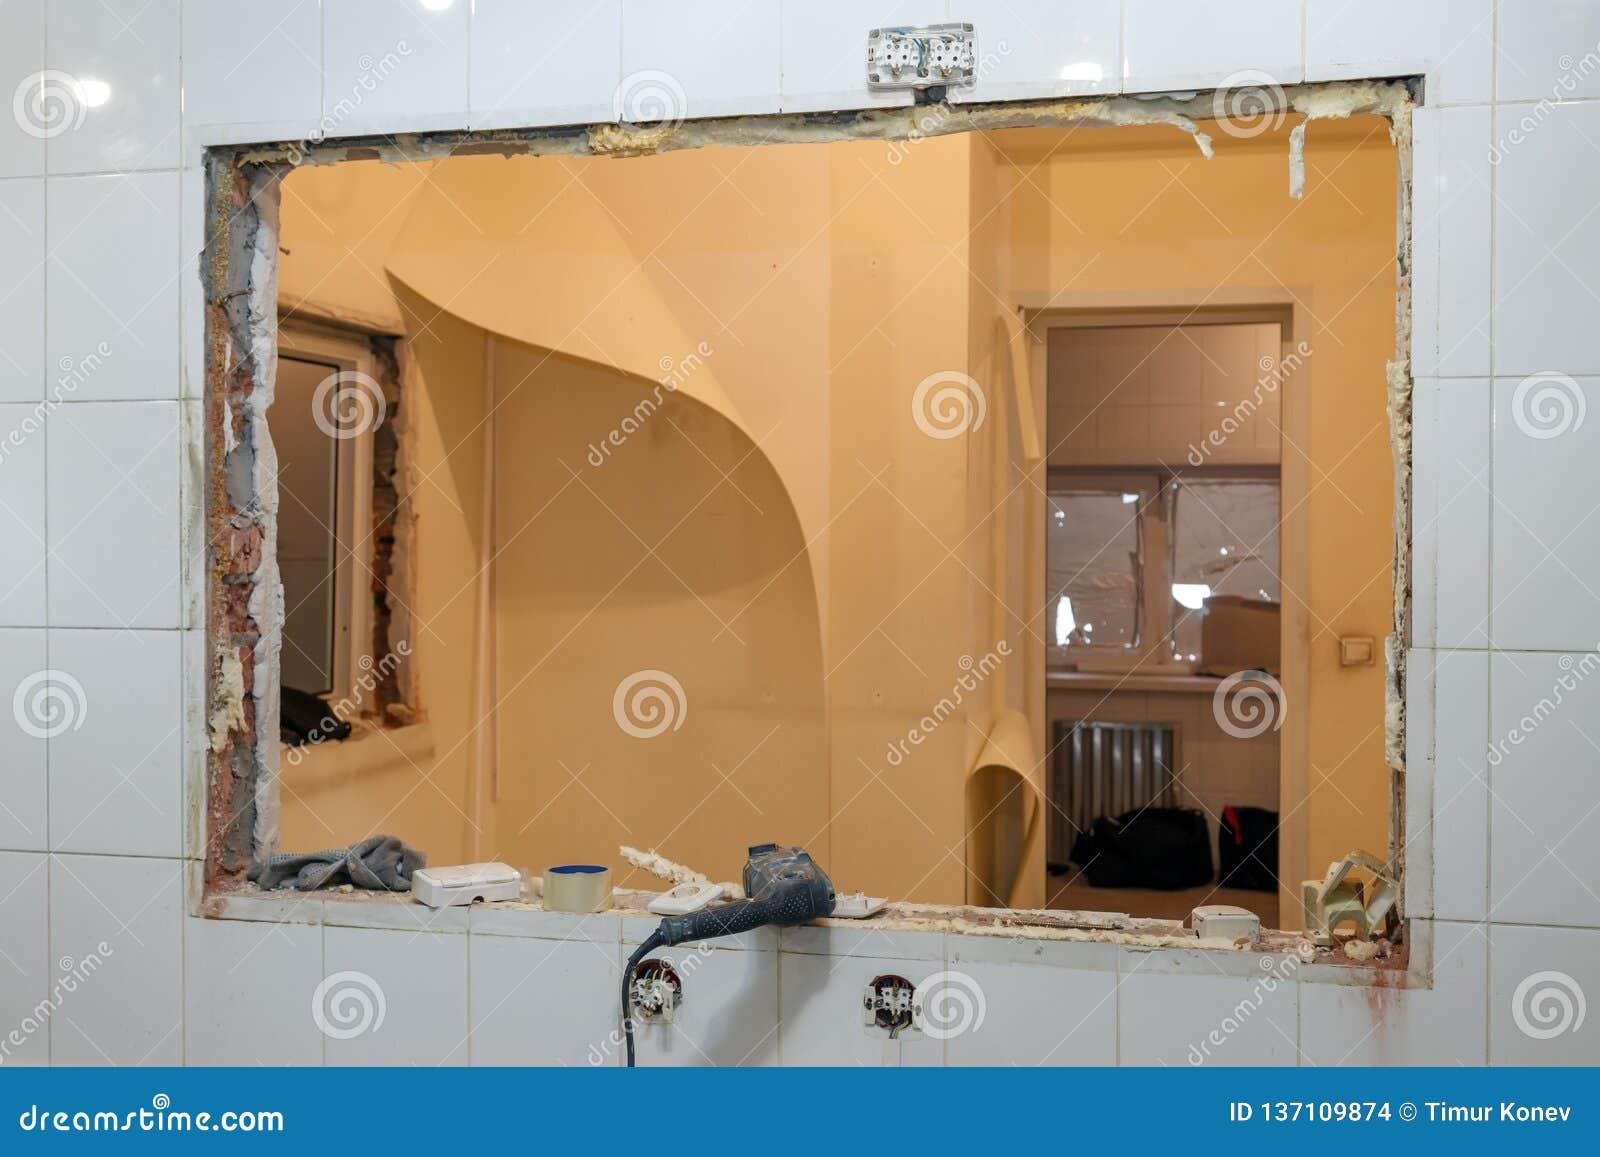 Reparations- och utbytesfönster i regeringsställning som bygger, förstörda fönsterdelningar av tegelstenar, tegelplattor Begrepps